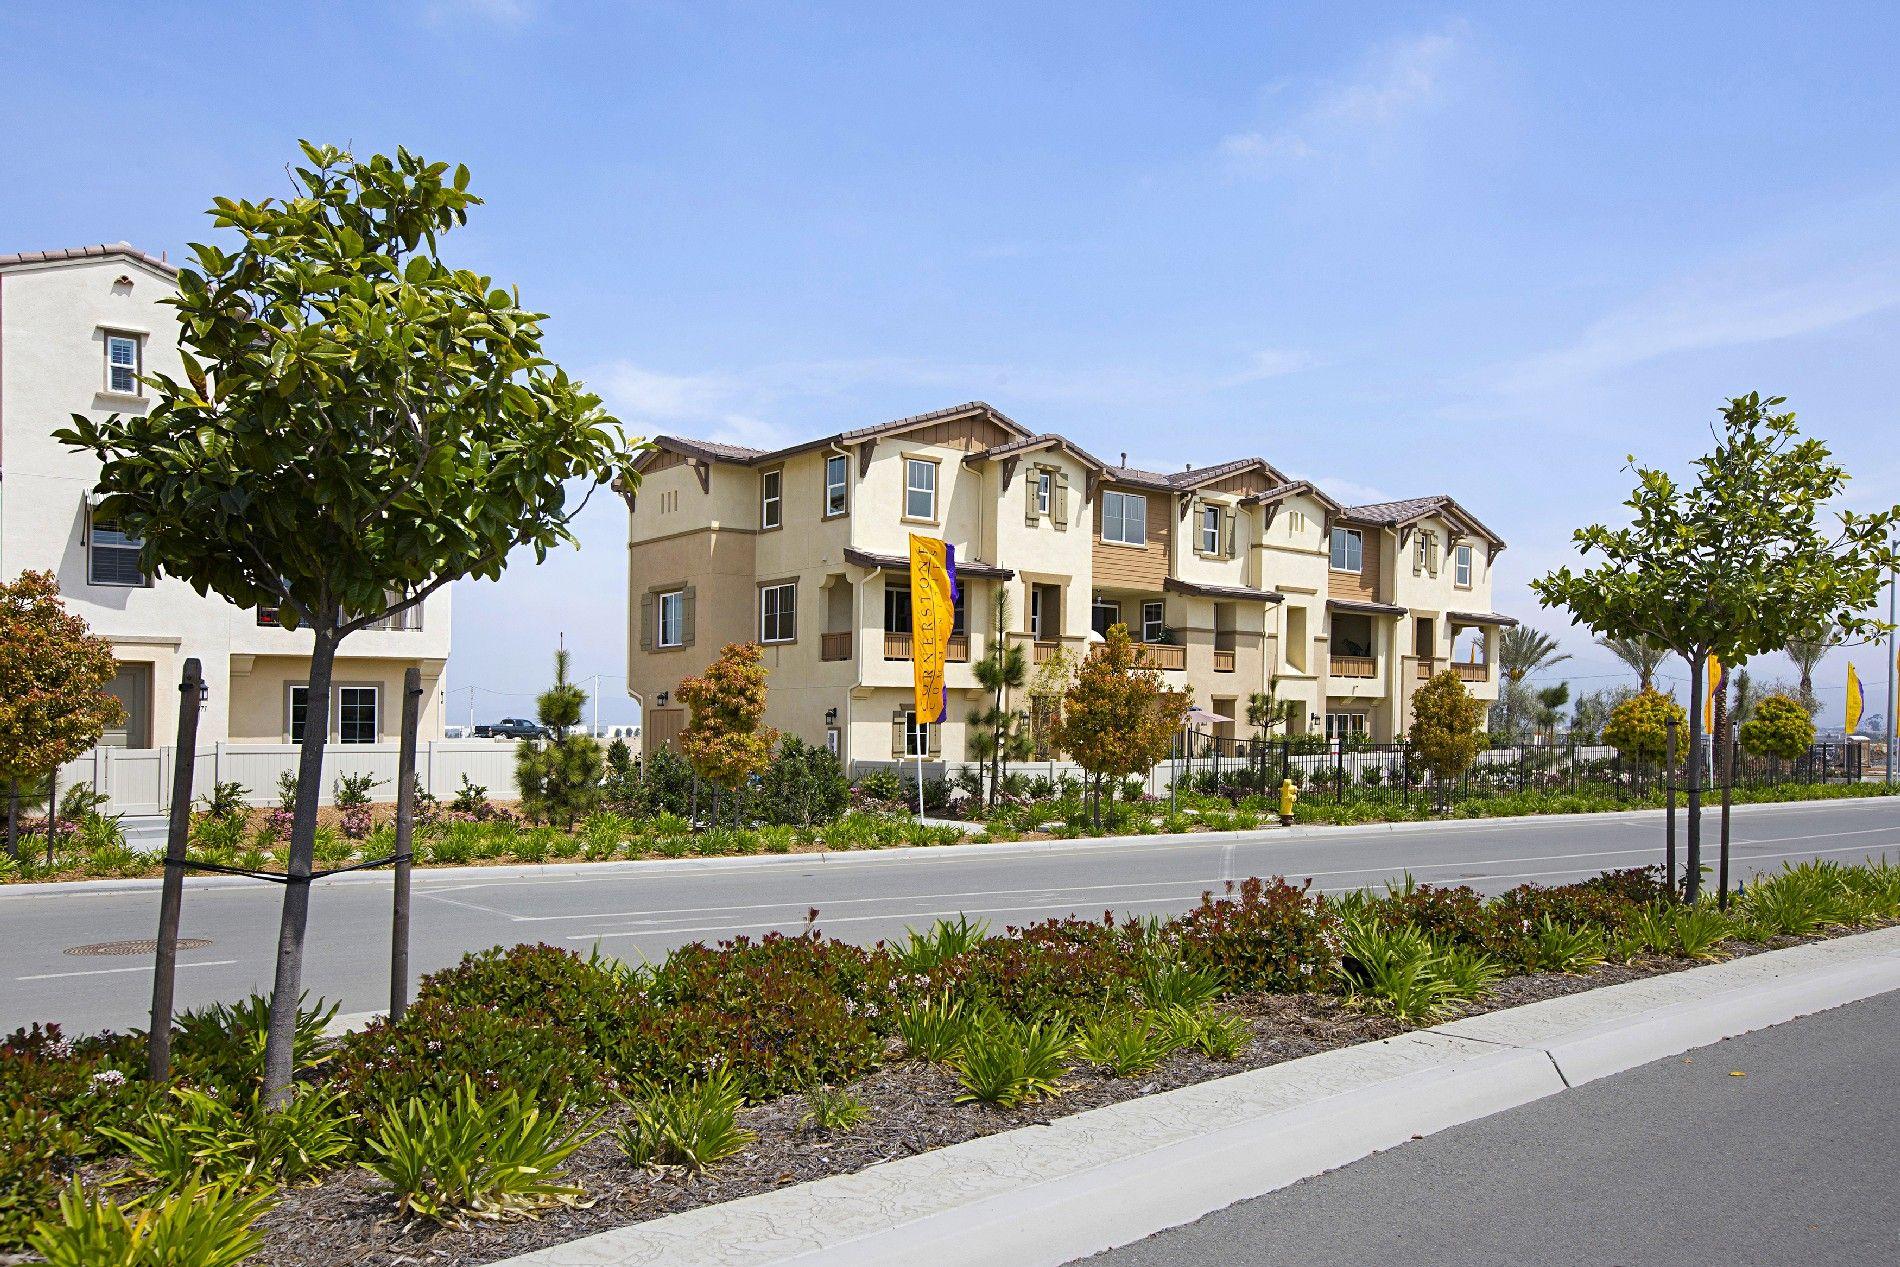 'Tesoro at Vista del Sur' by Tesoro at Vista del Sur in San Diego